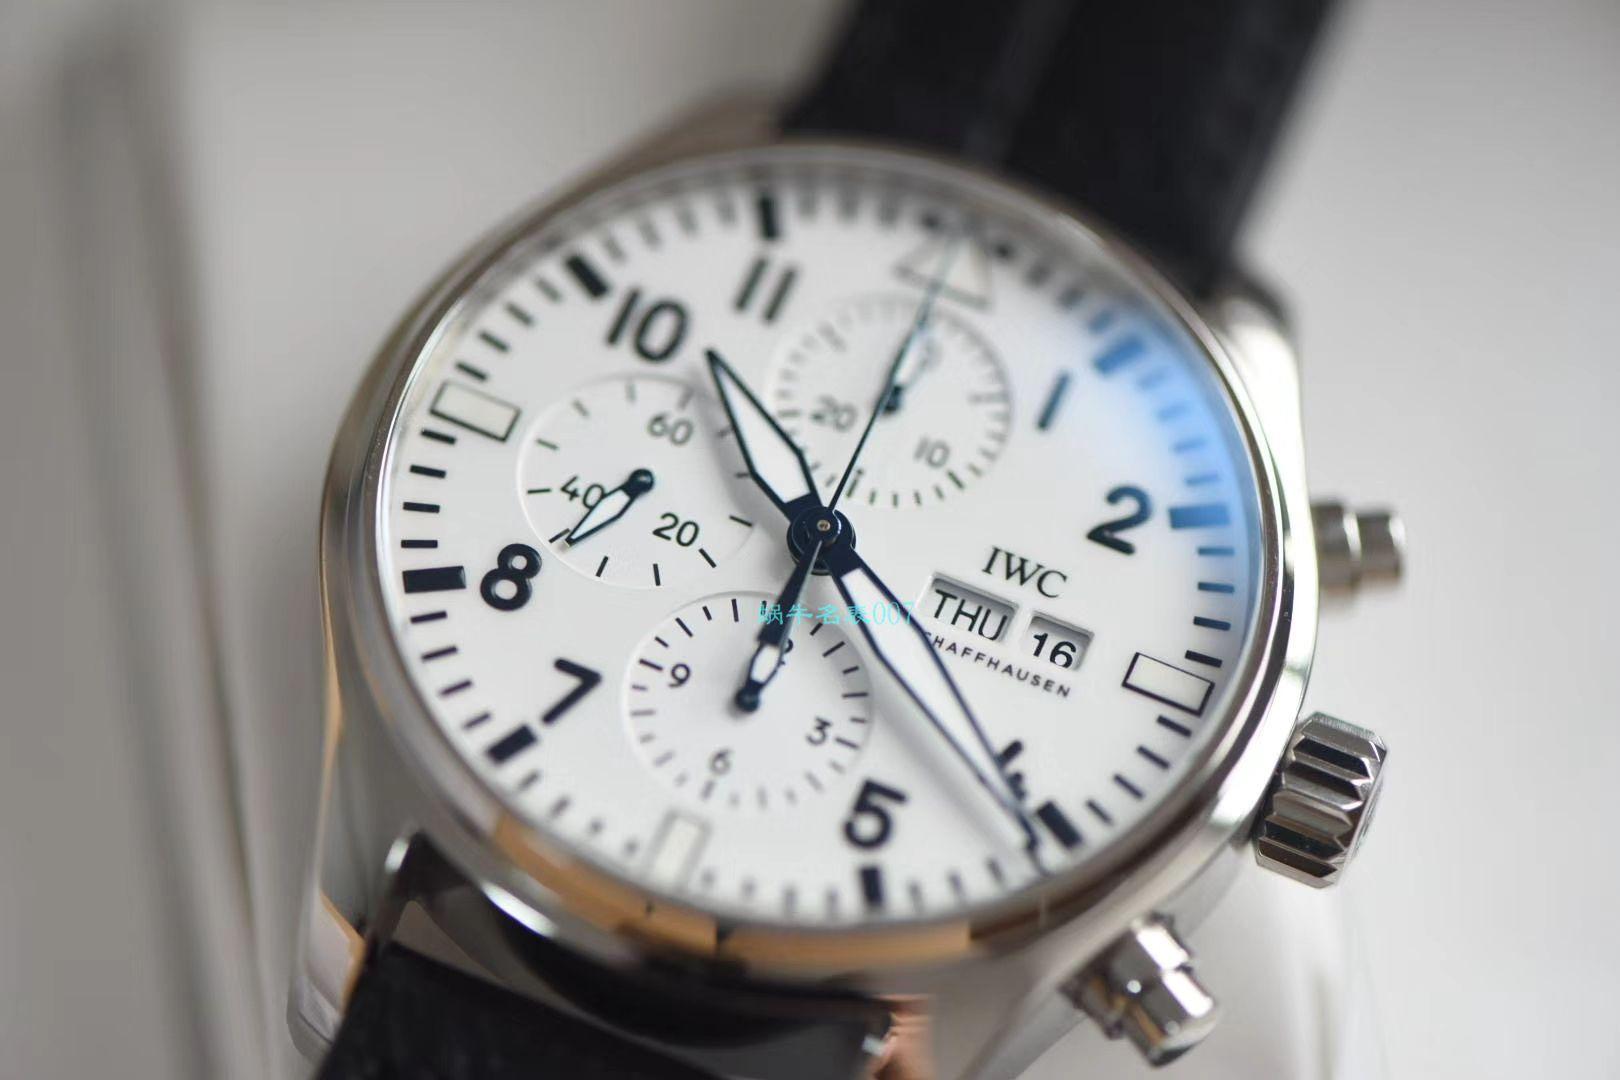 【视频评测渠道原单】IWC万国表150周年纪念特别版IW377725腕表 / WG518